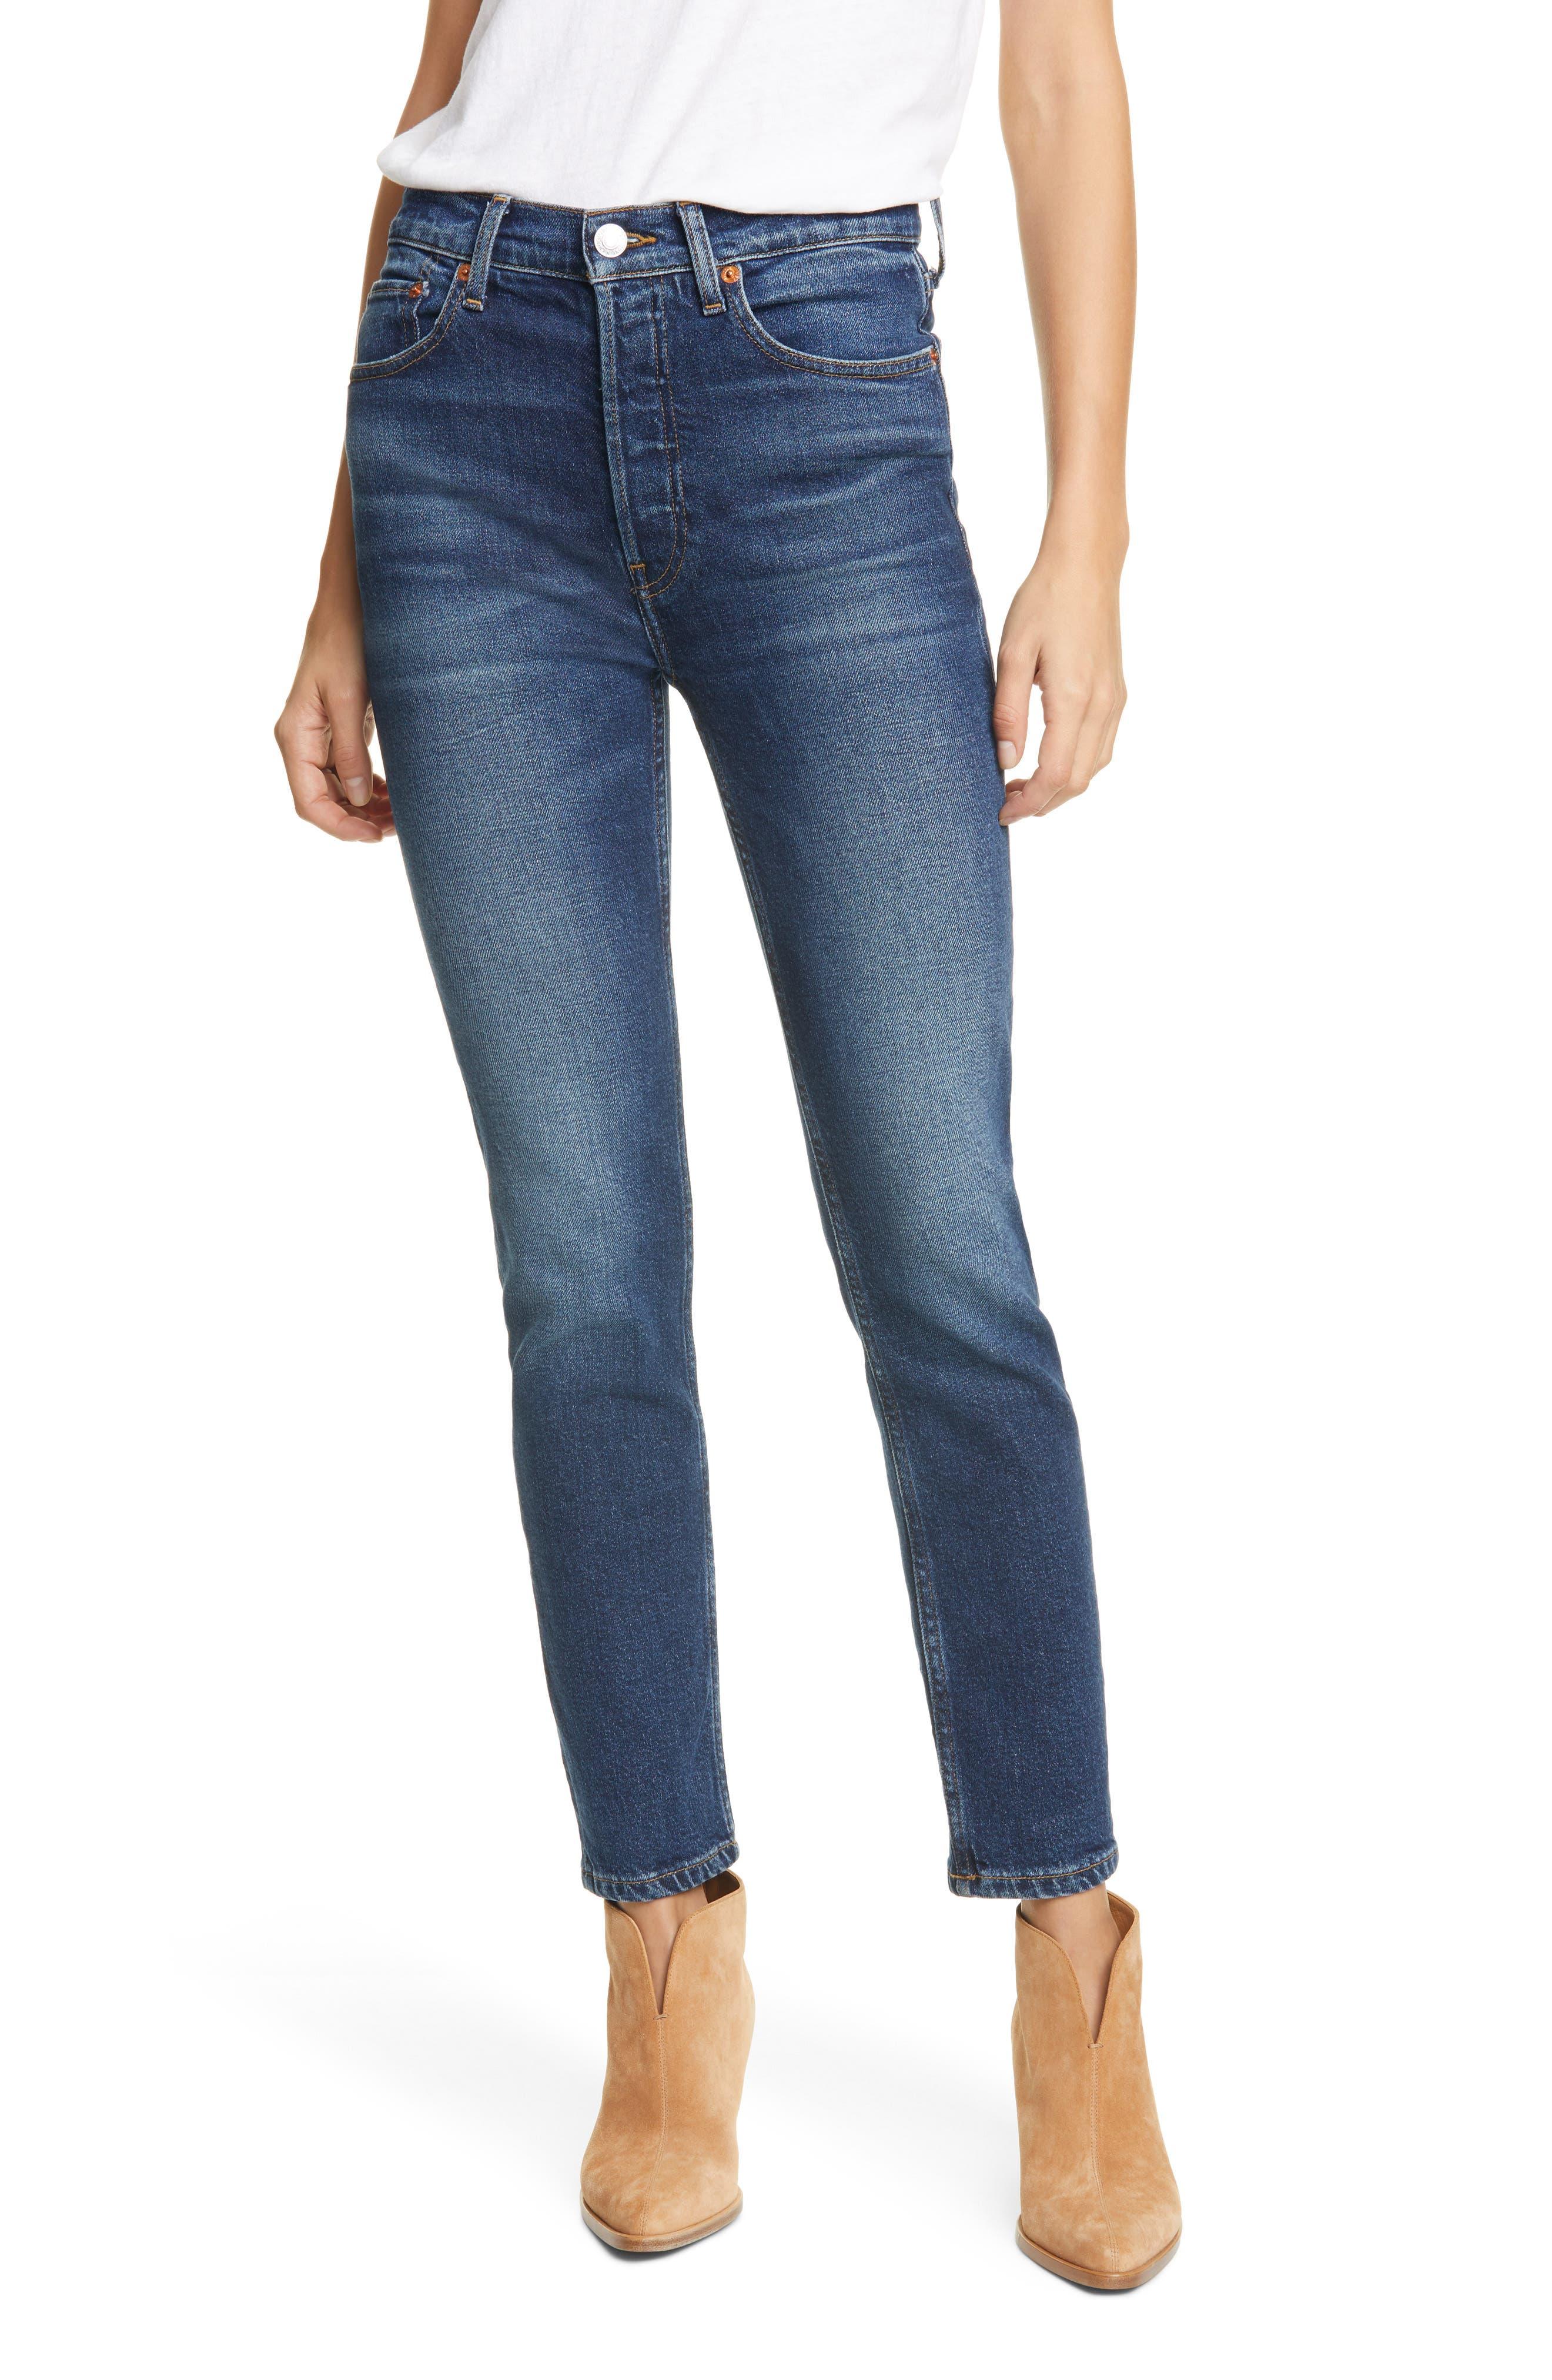 Women's Re/done Originals High Waist Stretch Crop Jeans